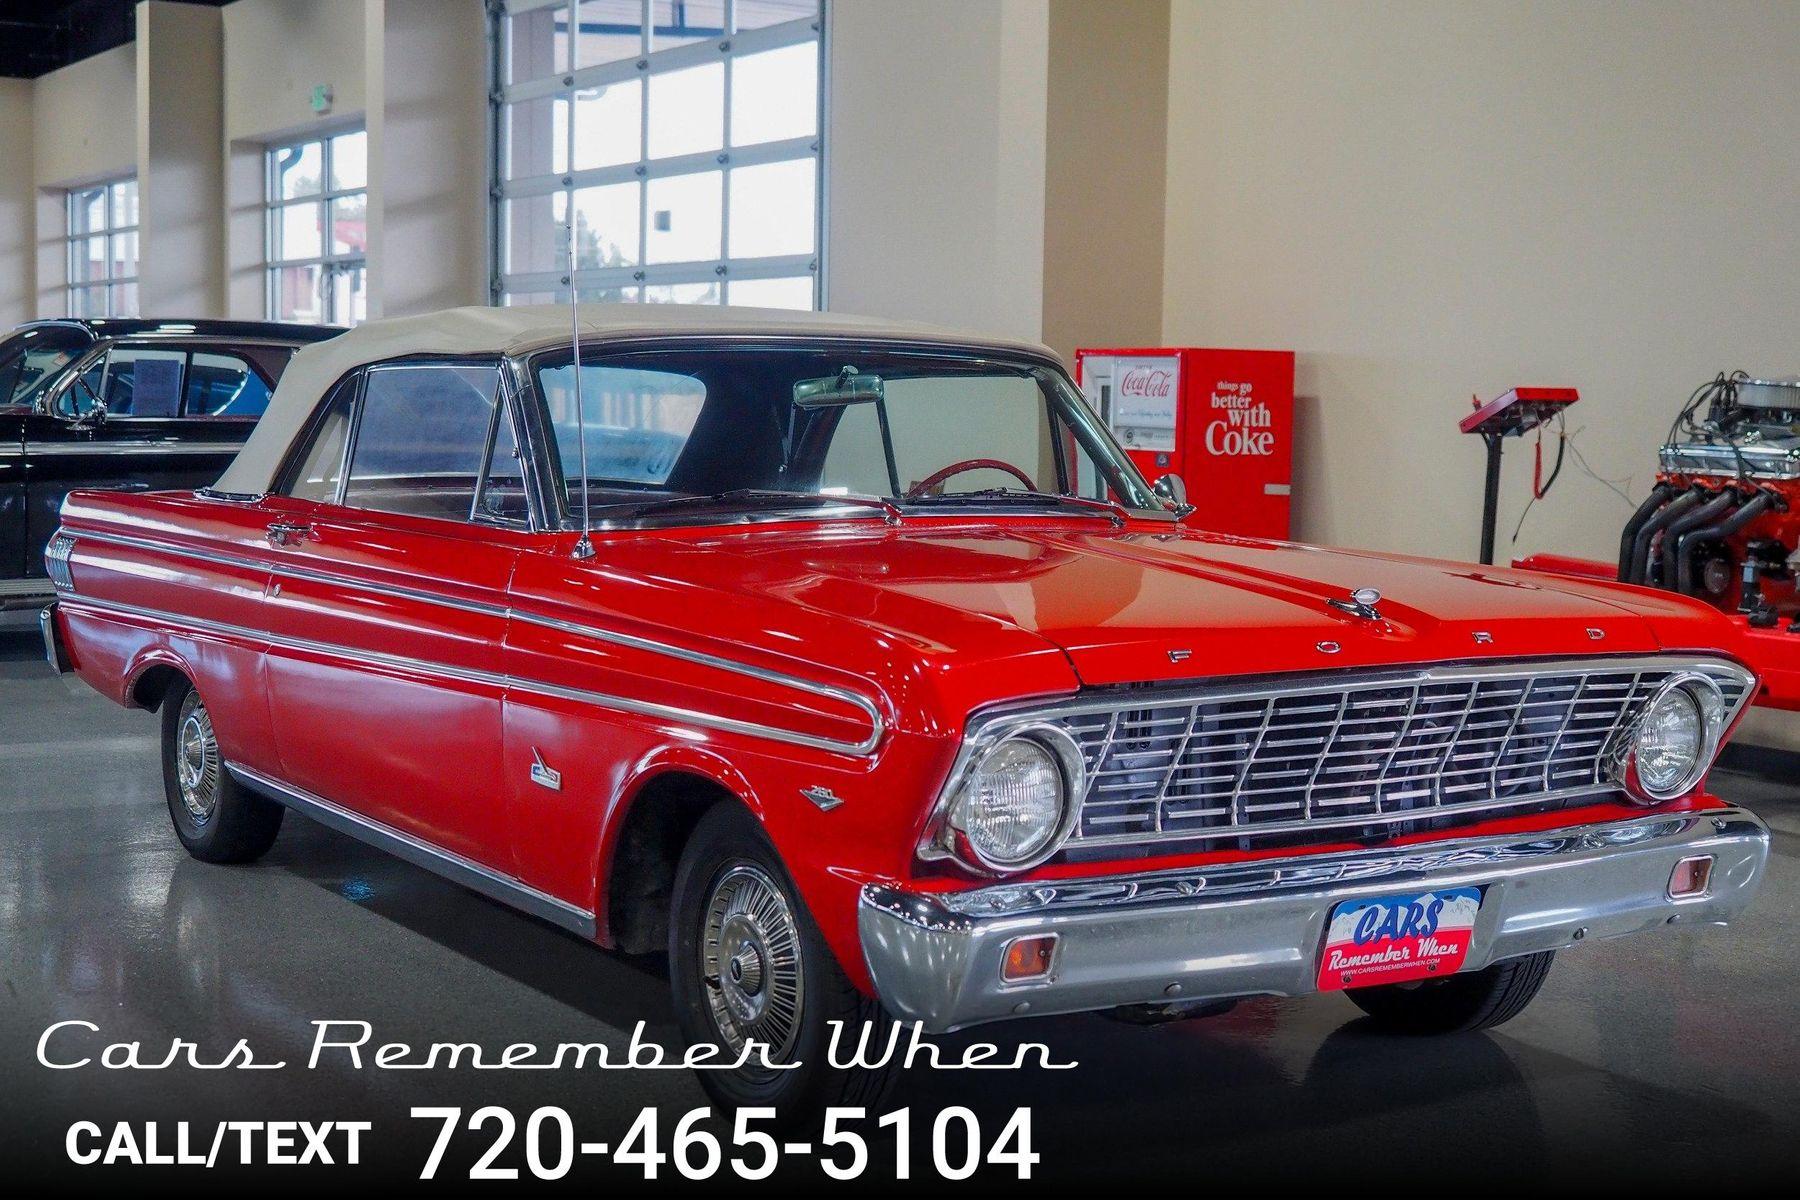 1964 Ford Falcon Futura Sport Cars Remember When Convertible